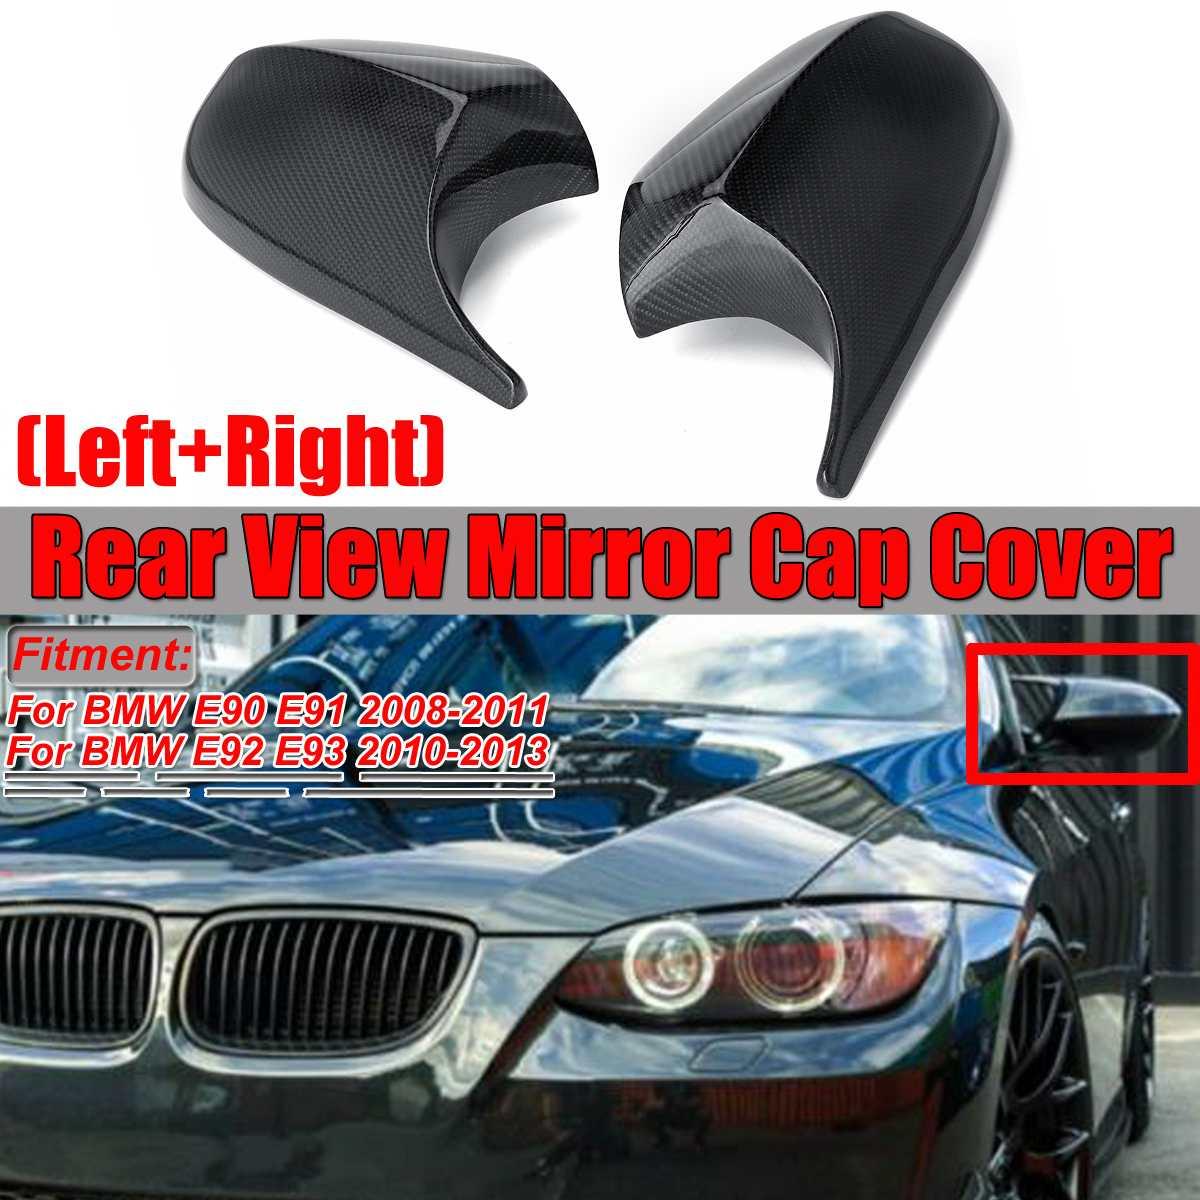 2 uds. Cubierta de espejo de fibra de carbono Real/ABS cubierta de espejo retrovisor de coche E90 reemplazo directo para BMW E90 E91 08-11 E92 E93 10-13 LCI